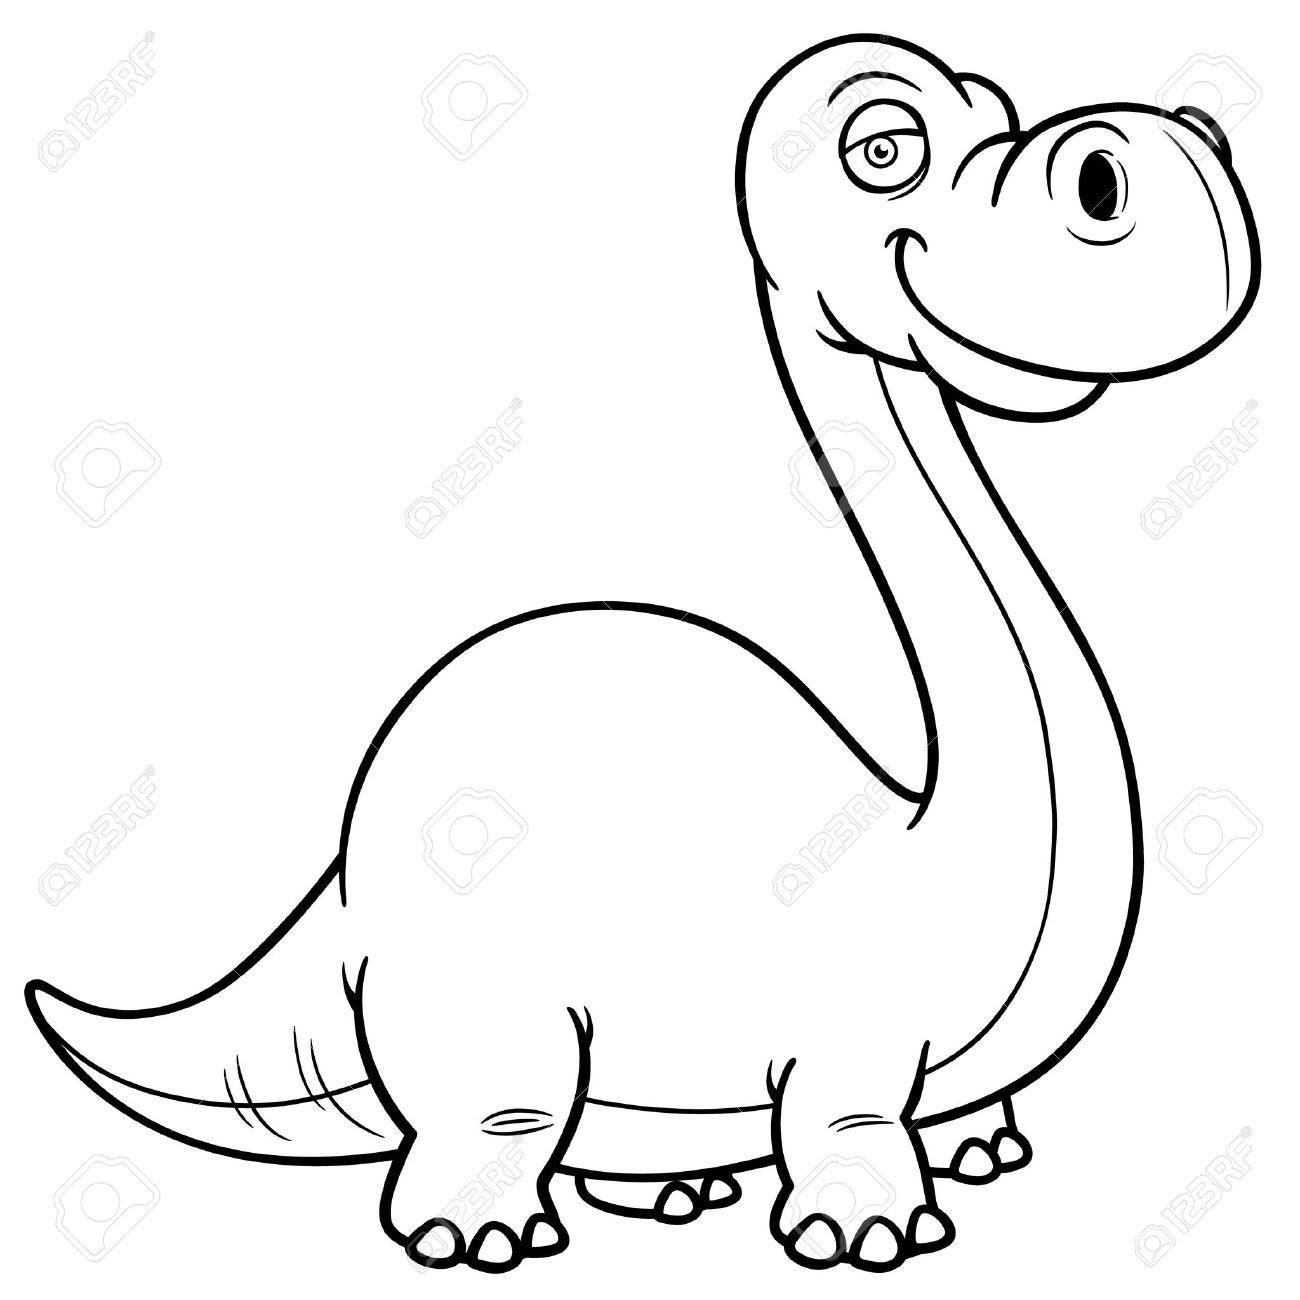 Ilustración Del Vector Del Dinosaurio Del Libro De Dibujos Animados ...